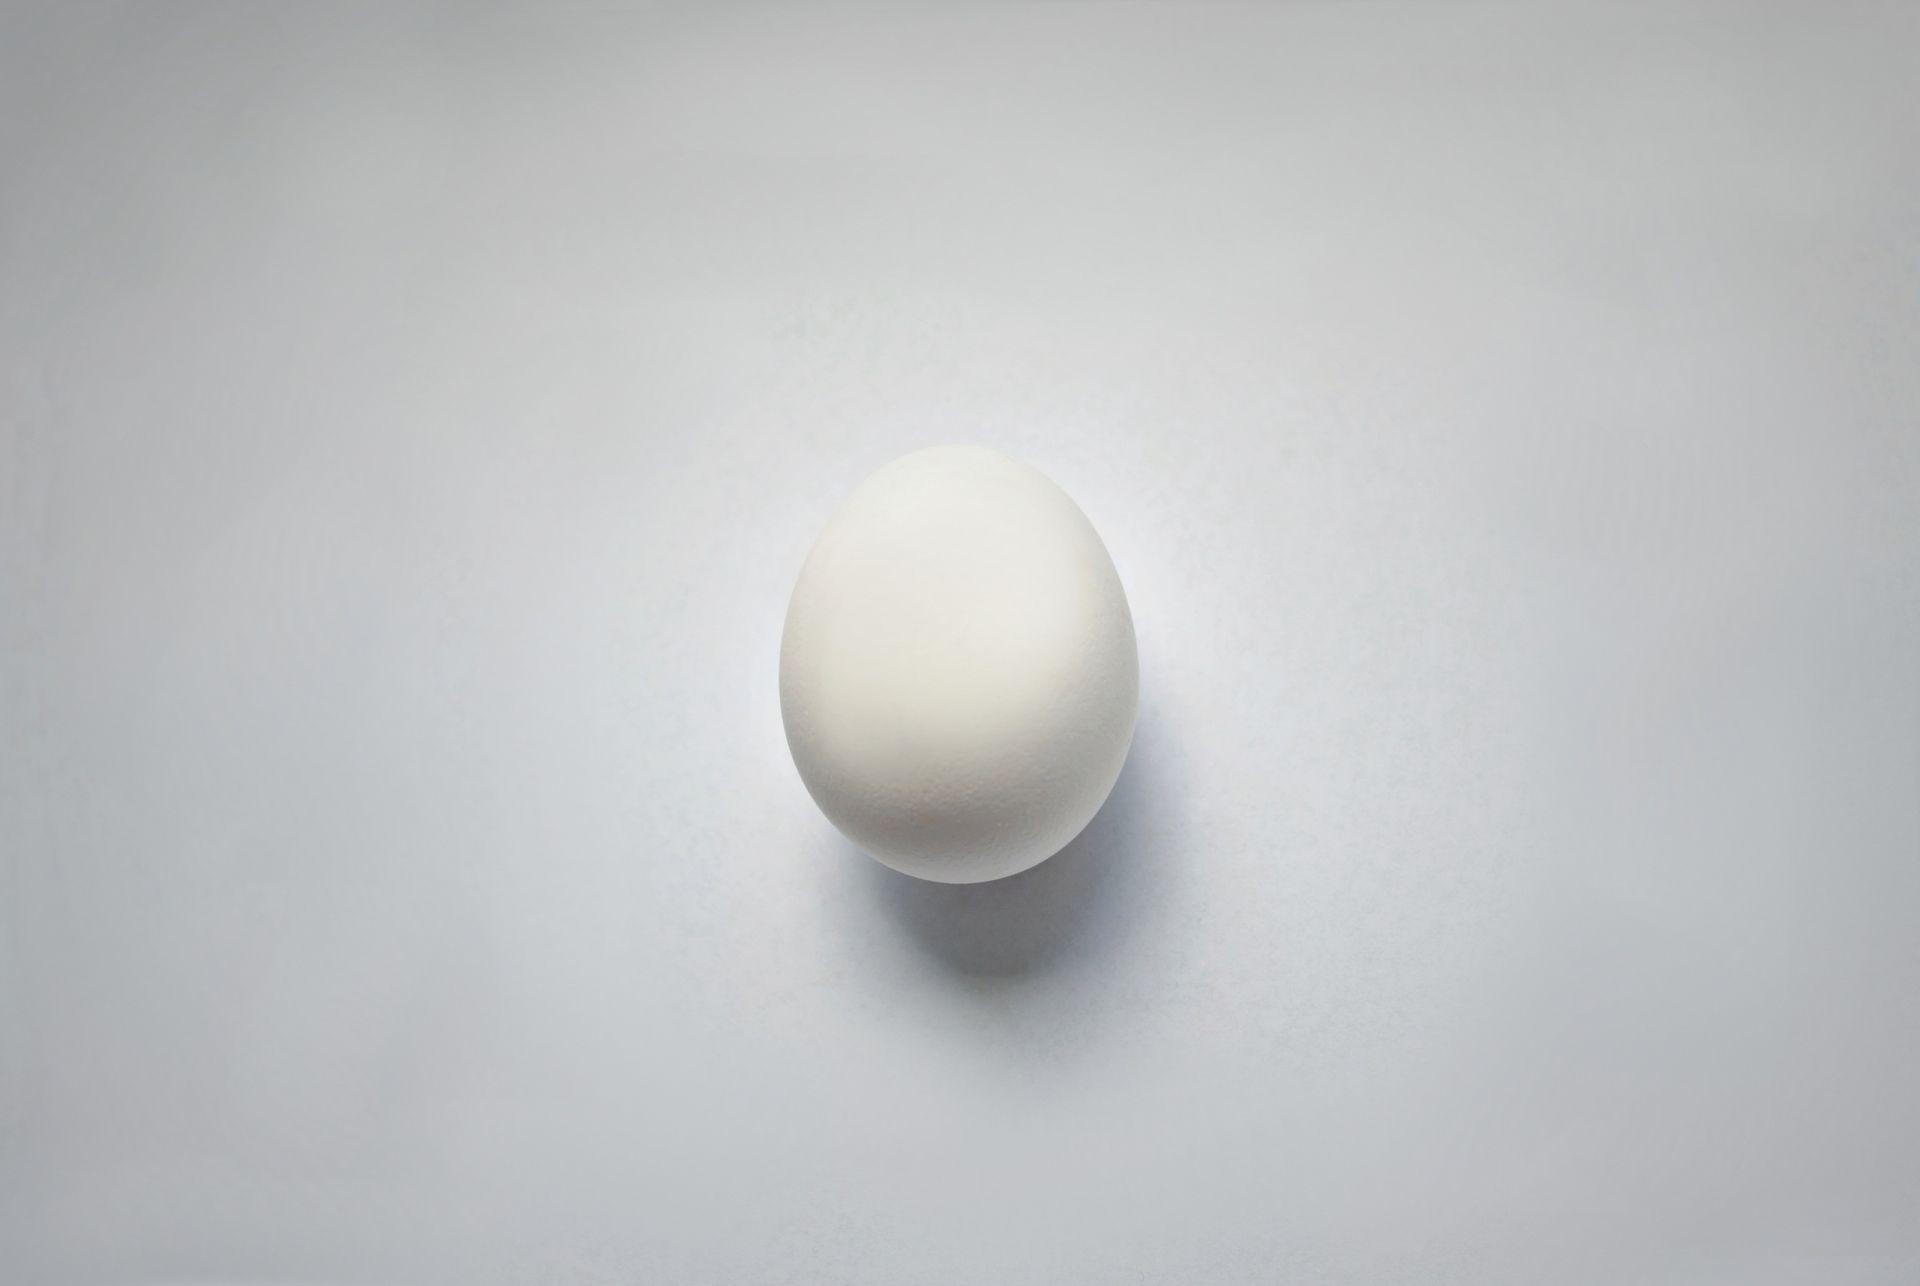 white egg wallpaper